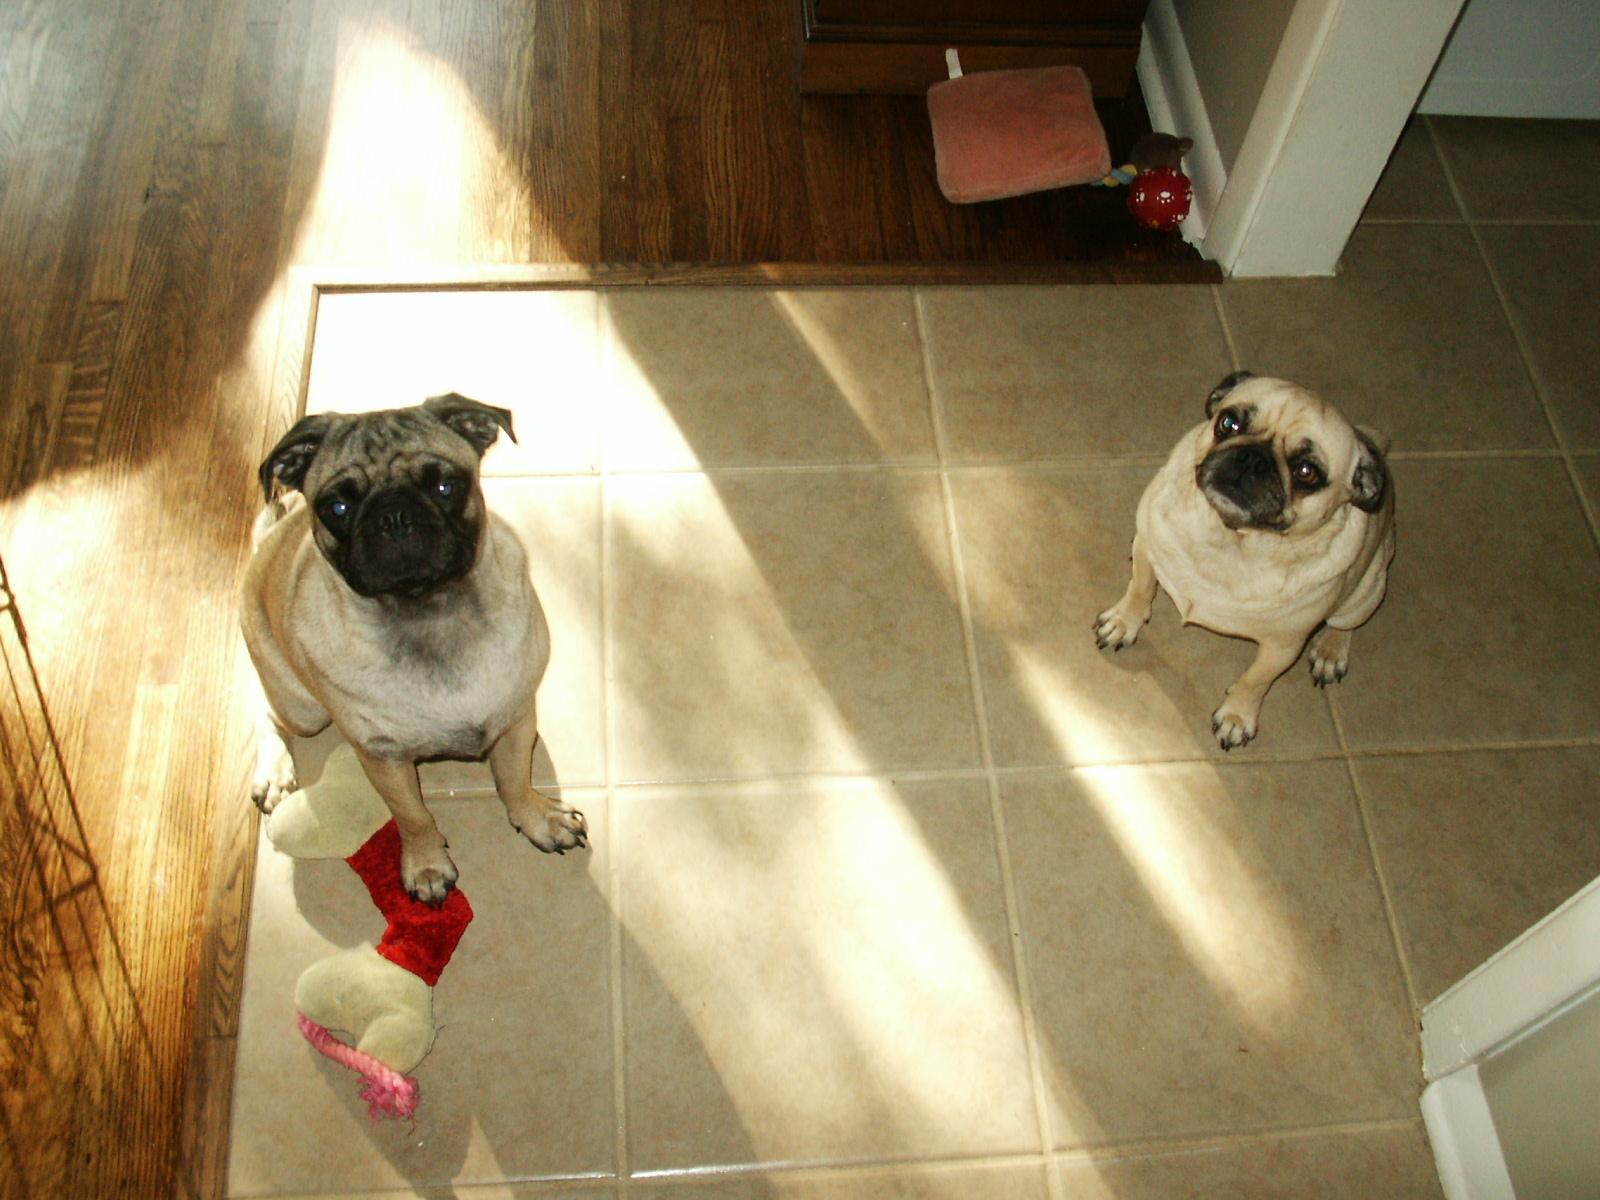 Dog, Pug, Furbabies